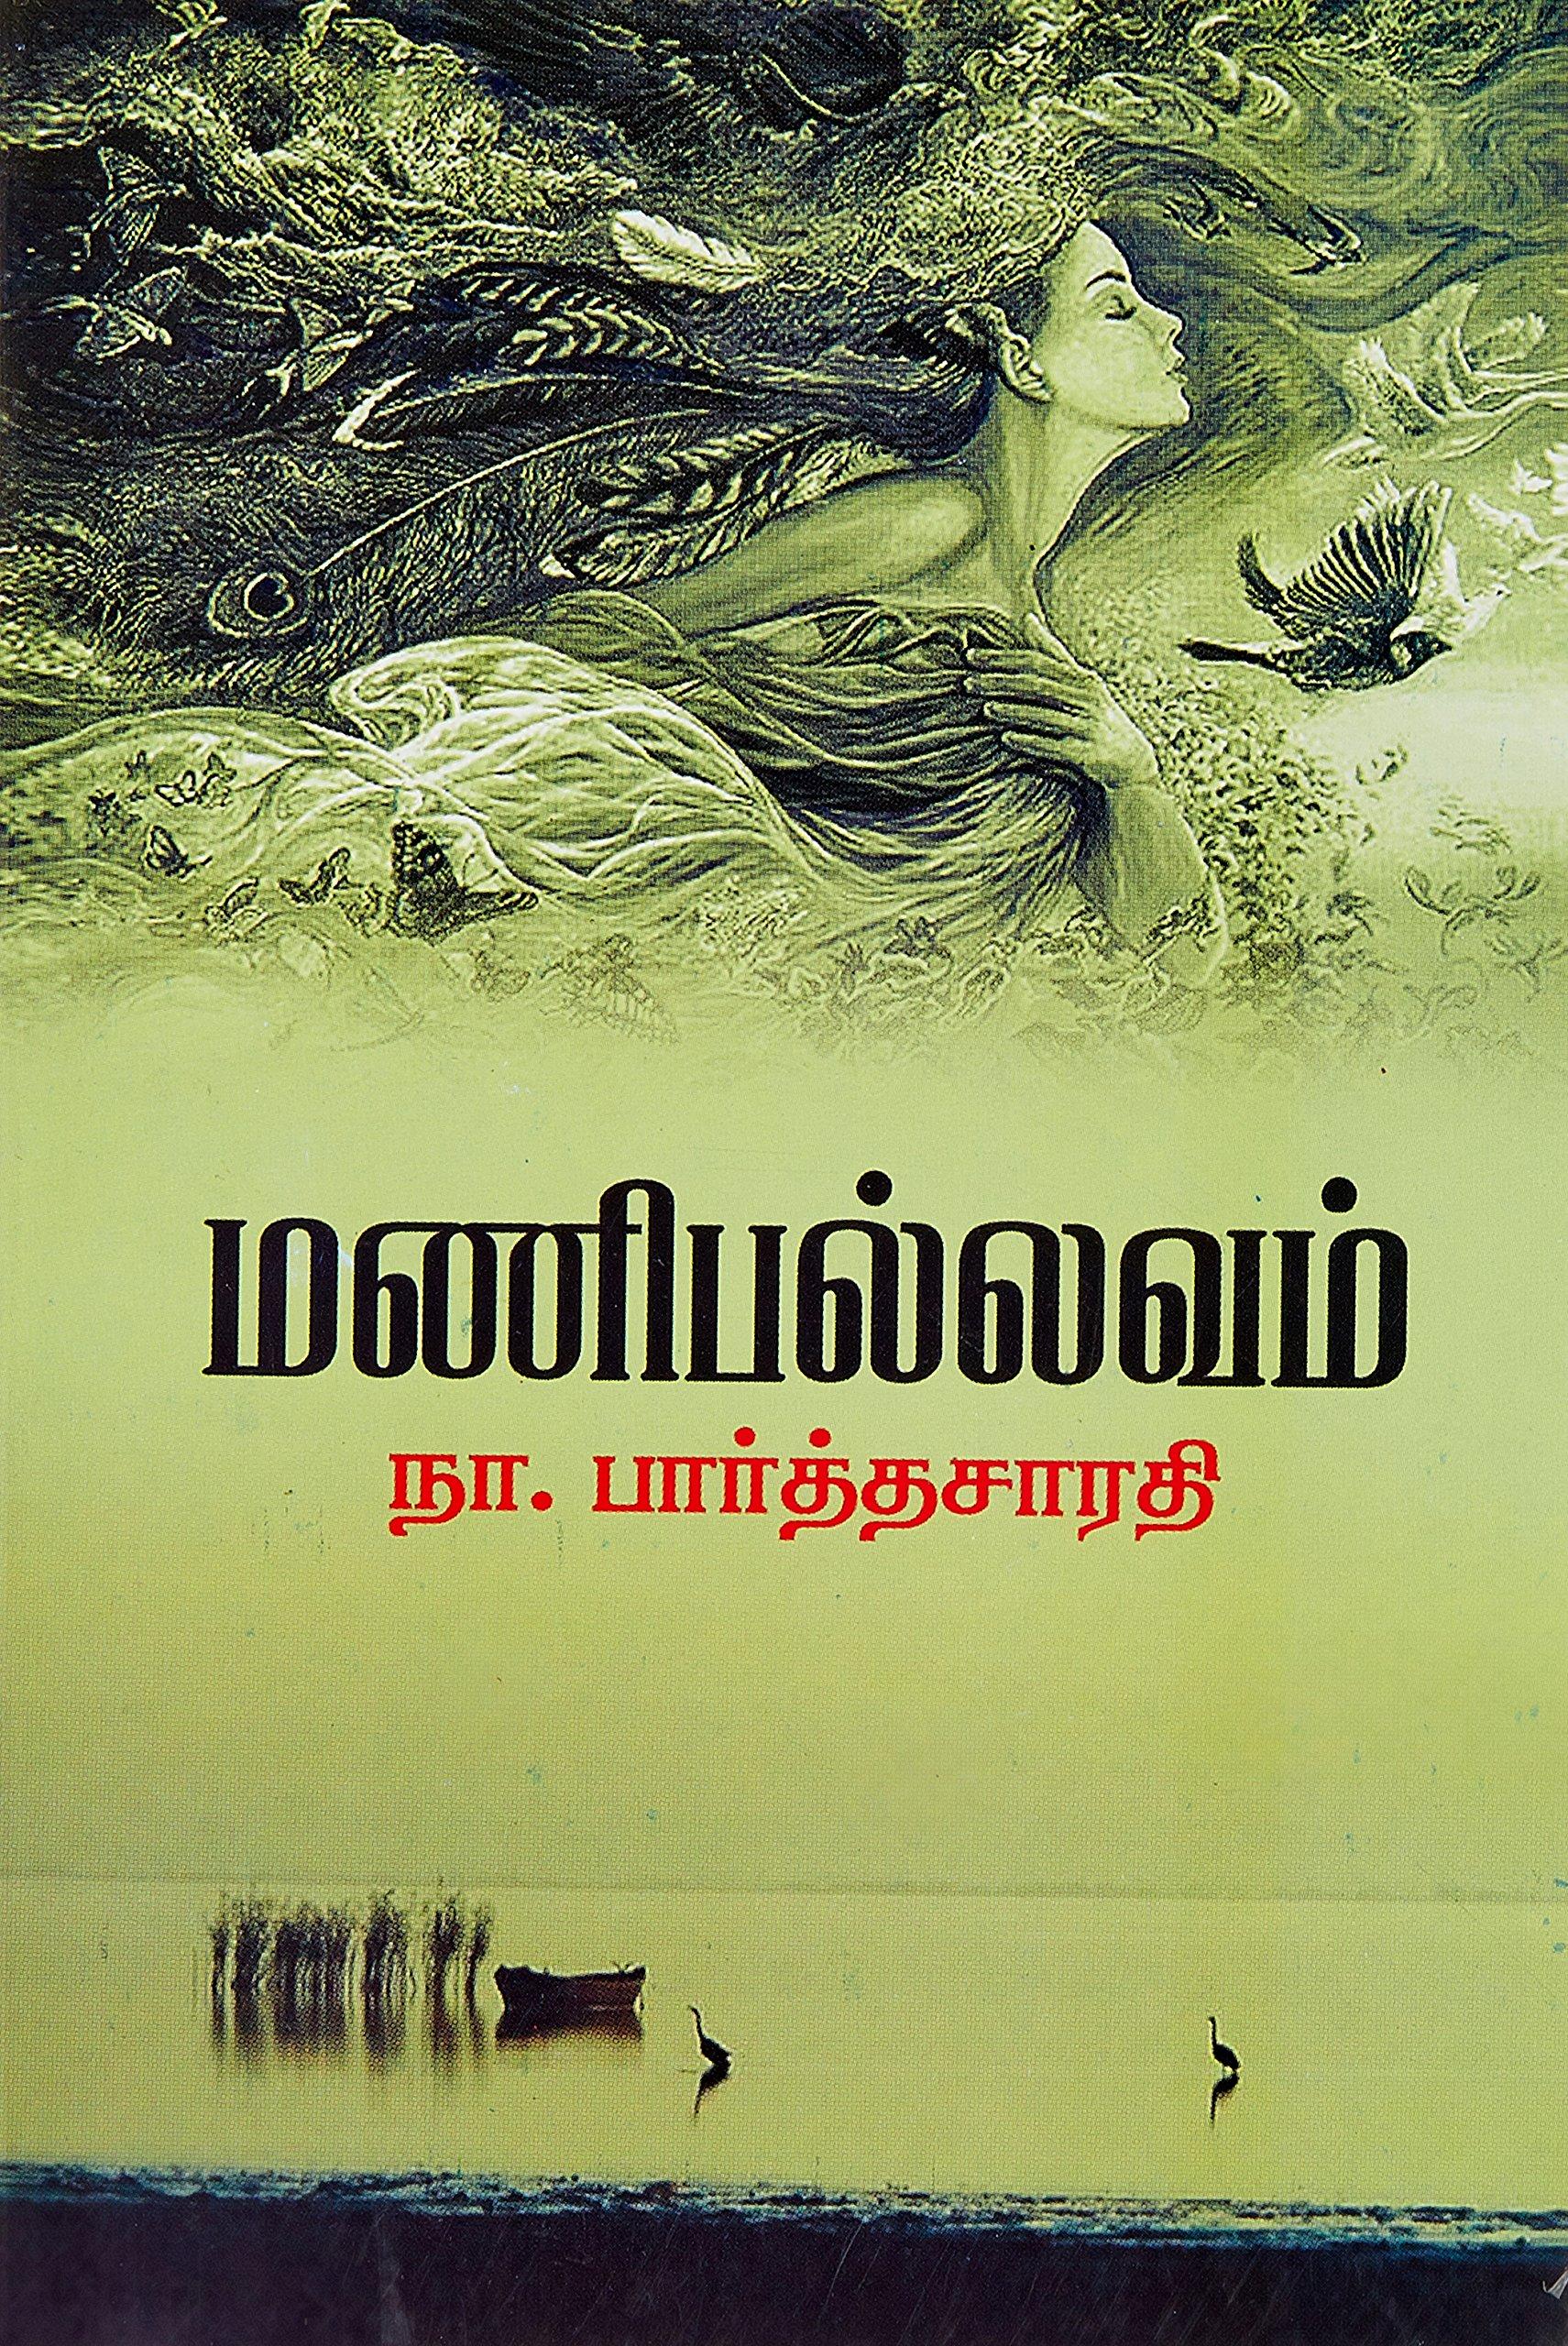 மணிபல்லவம் - நா.பார்த்தசாரதி - Manipallavam - Na Parthasarathy